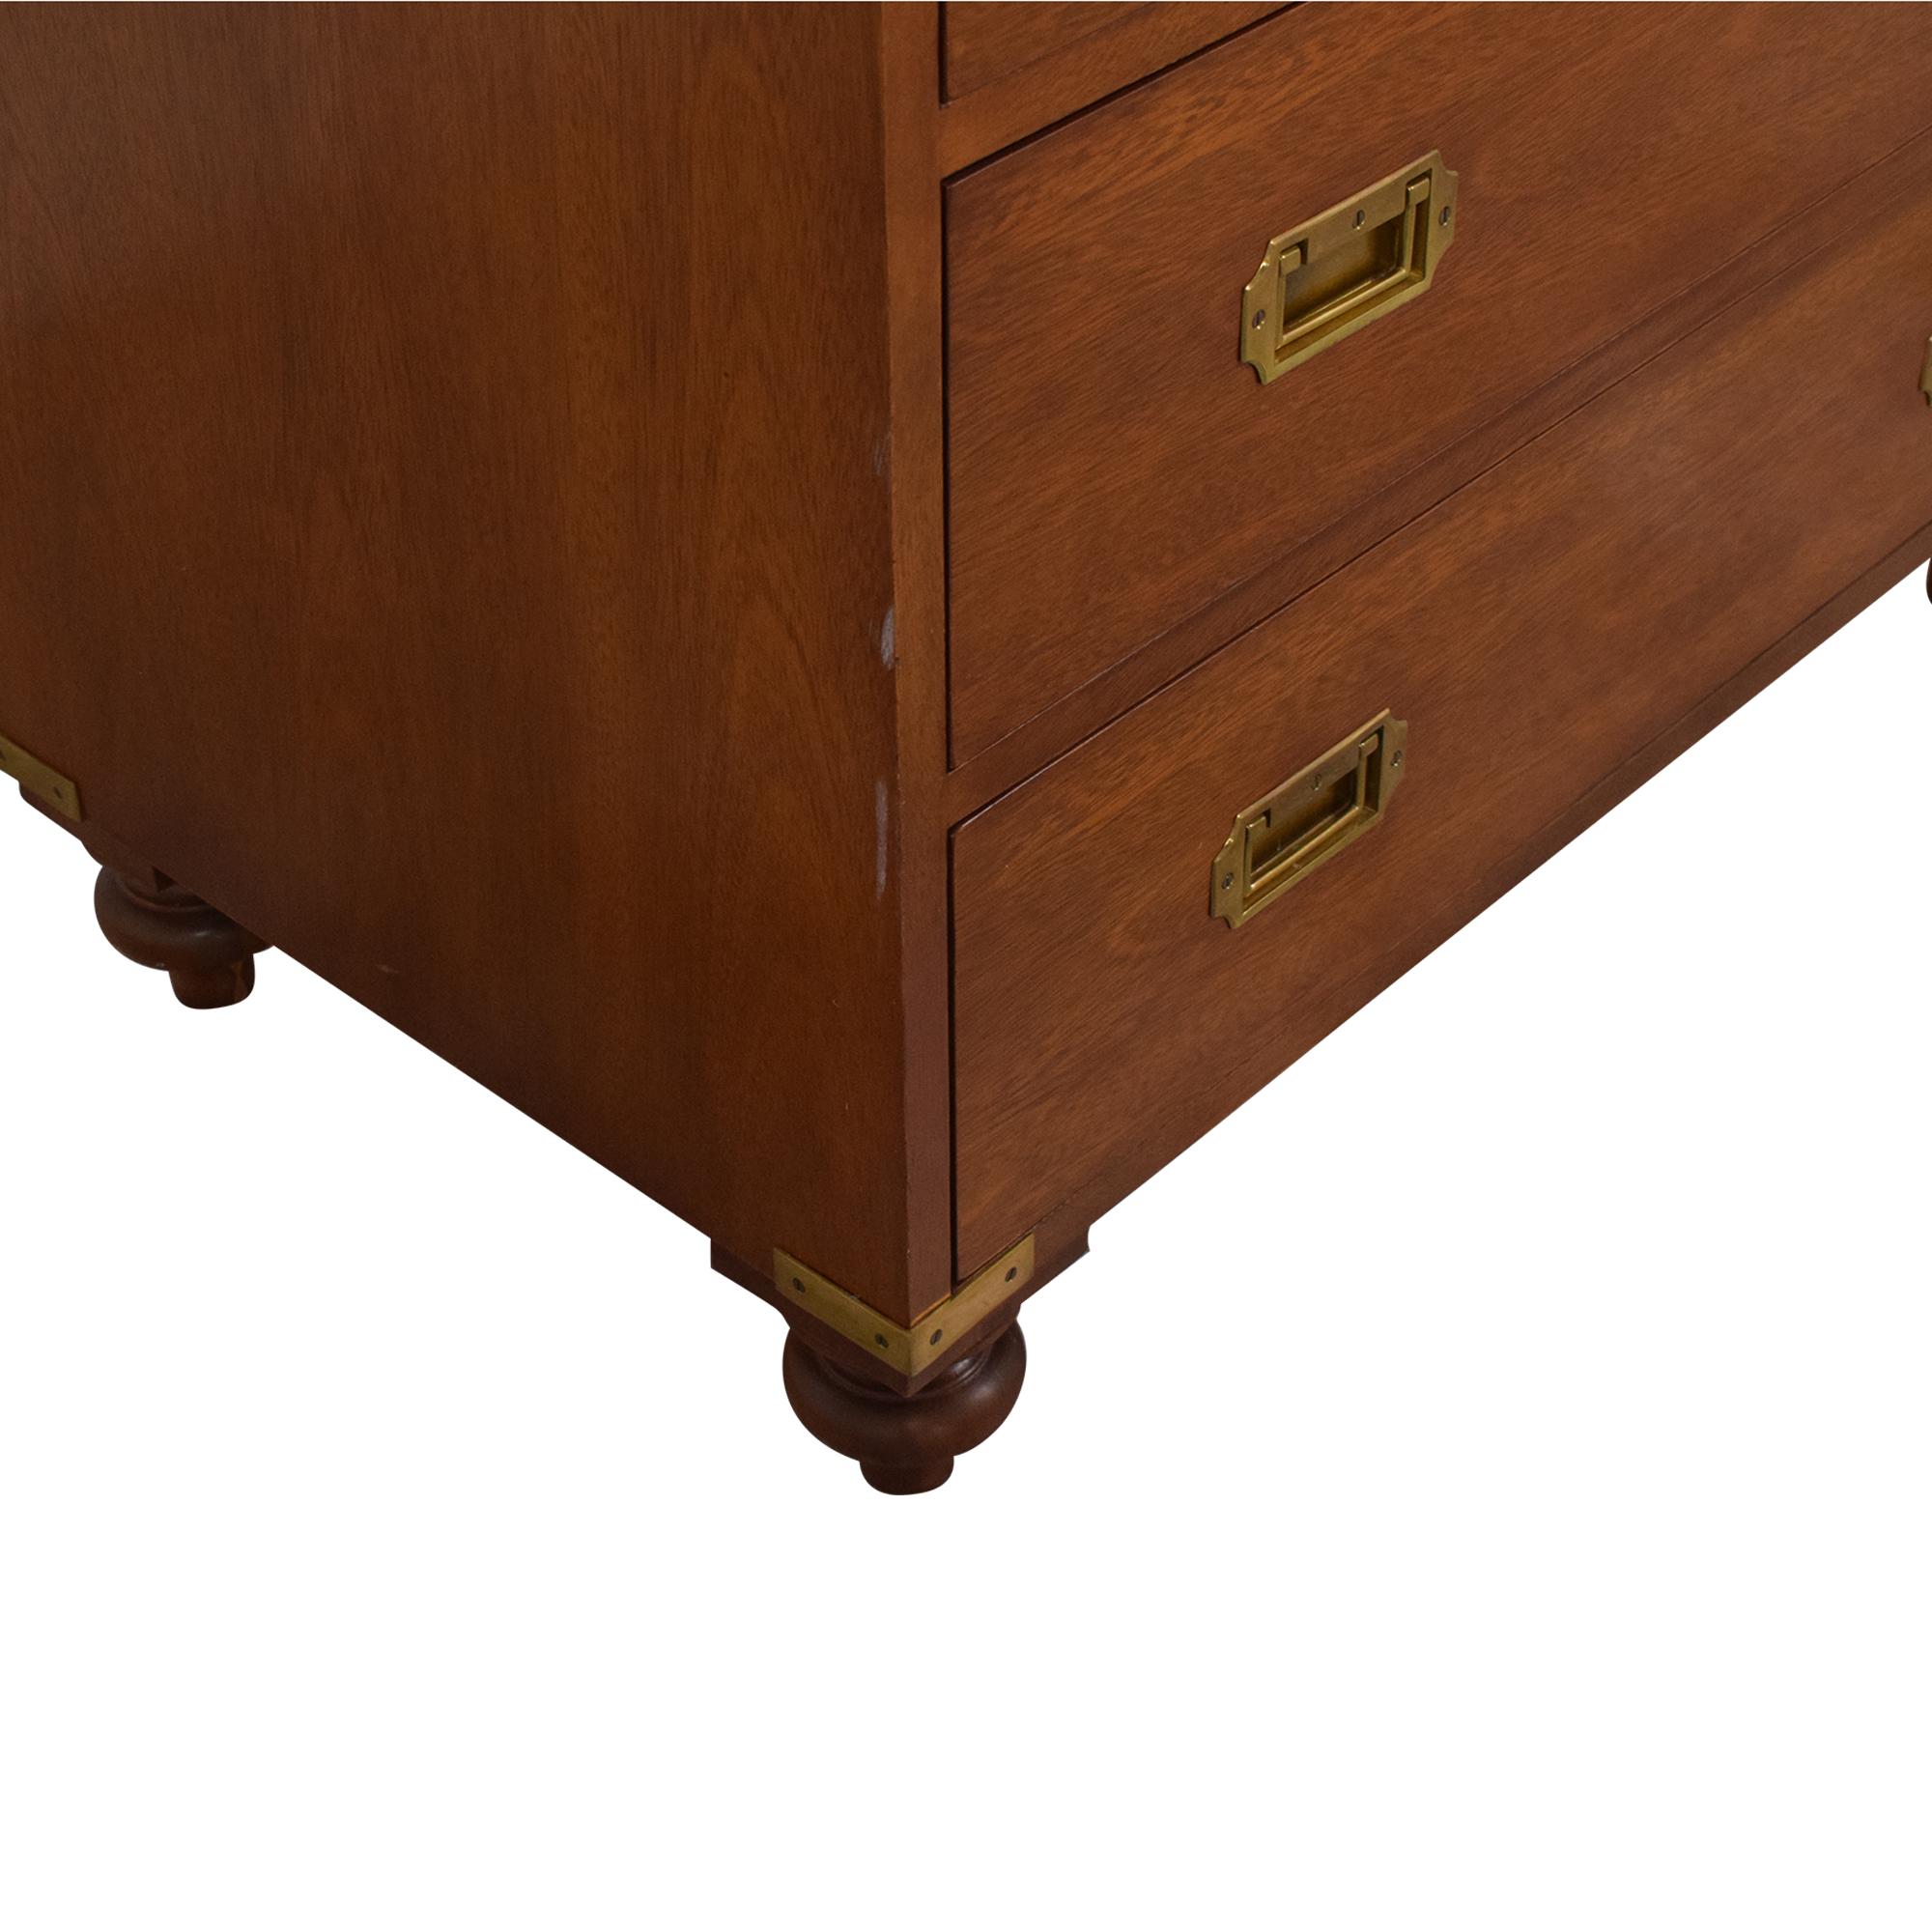 Ralph Lauren Home Ralph Lauren Home Campaign Chest Dressers